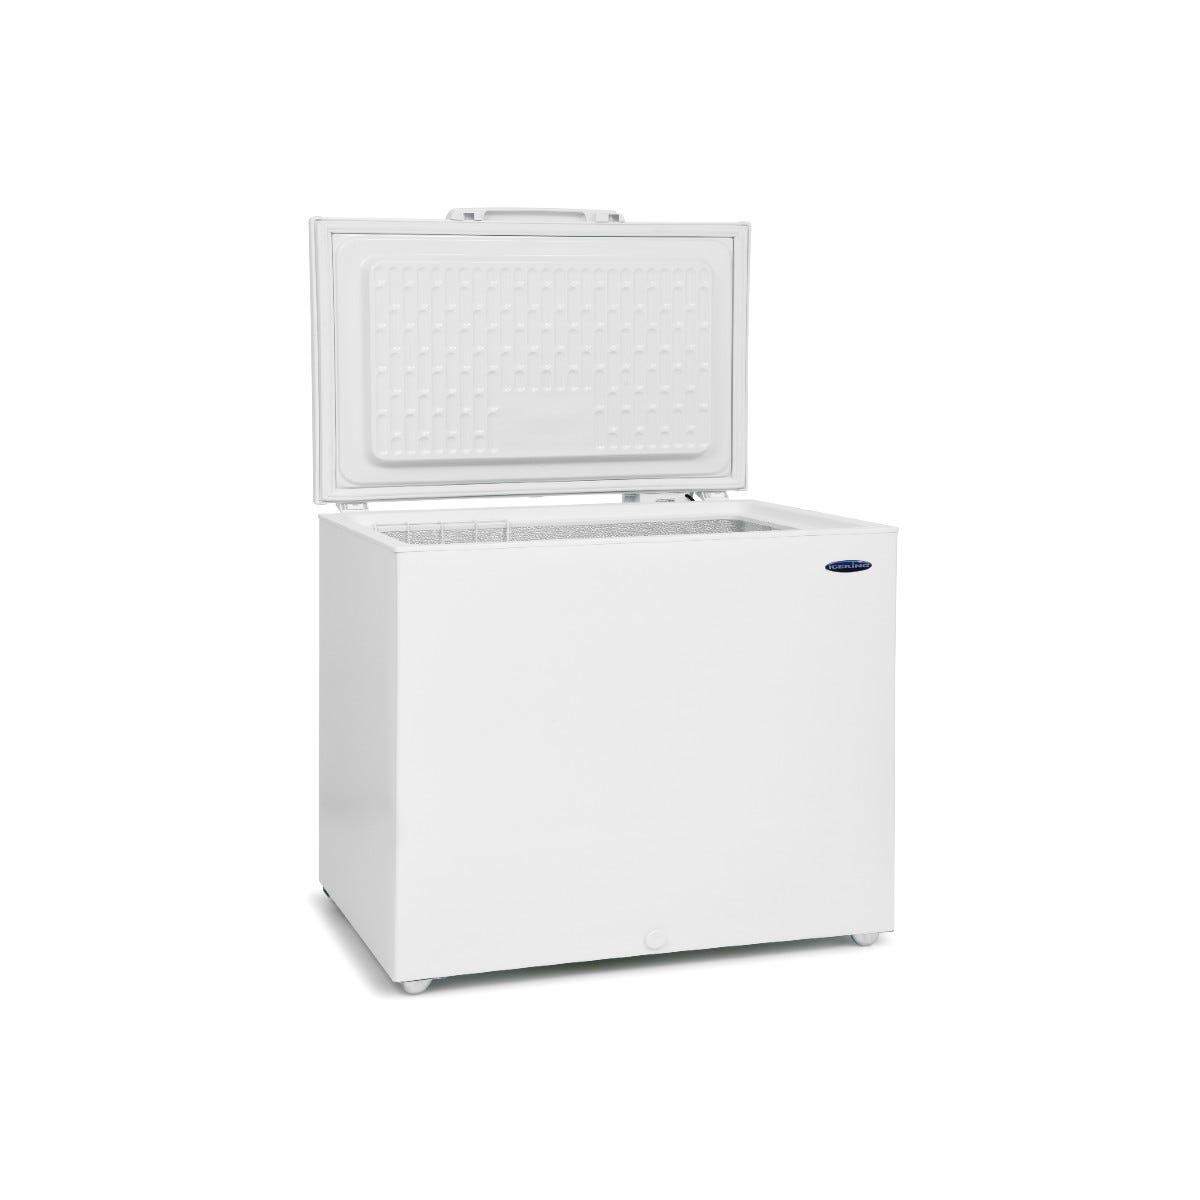 IceKing CF202W.E 202 Litre Chest Freezer - White